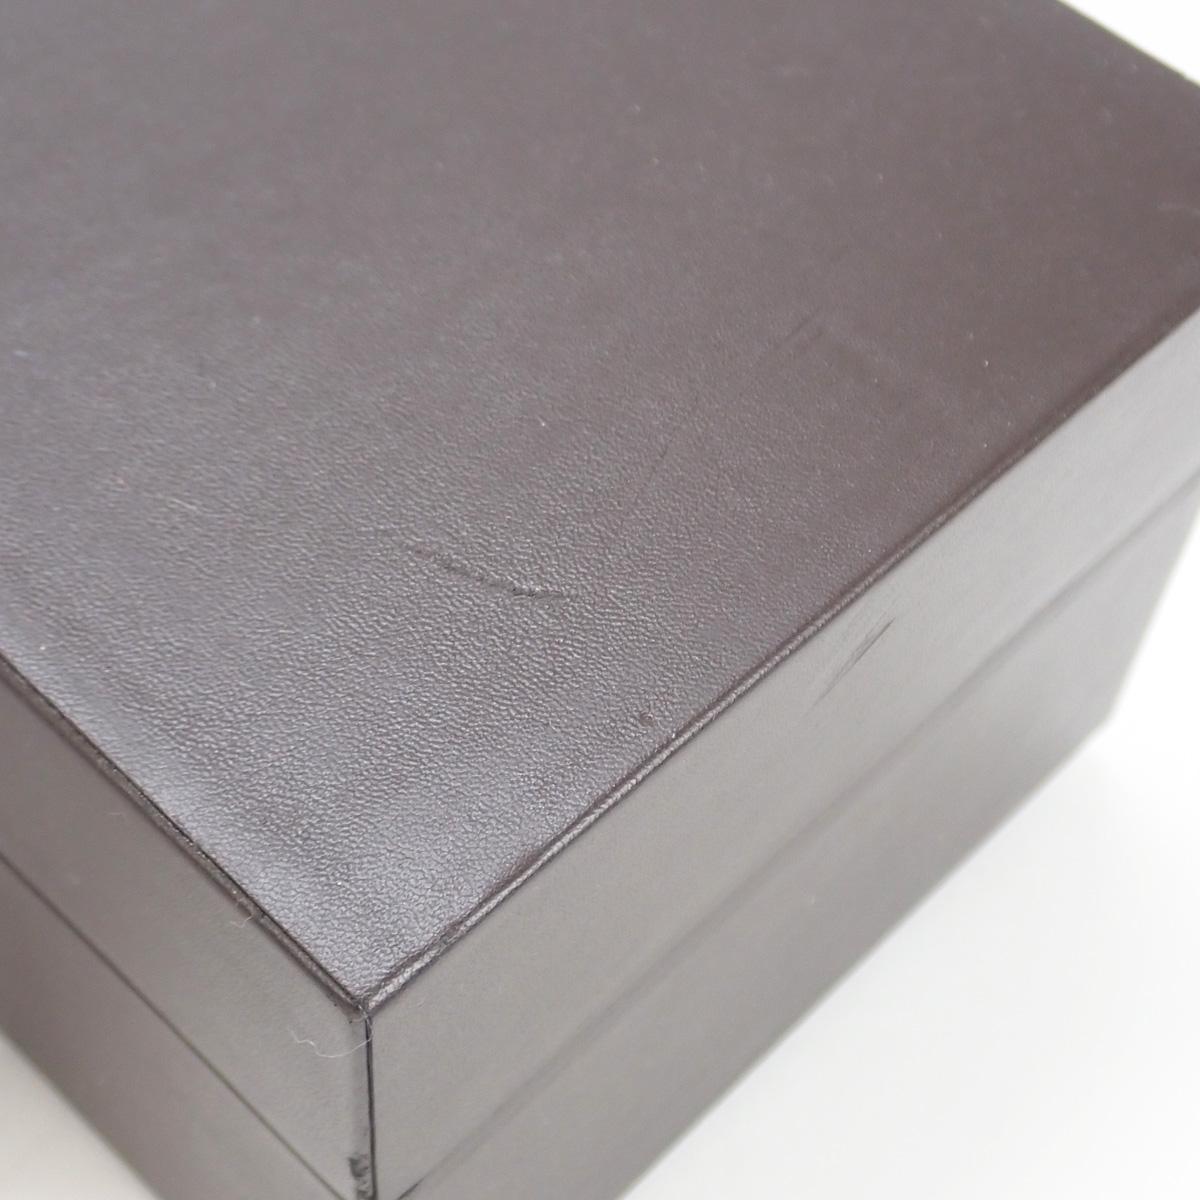 【辛口評価】【SAランク】TIFFANY&Co. ティファニー K18WG アトラス カクテル ラウンド ホワイトシェル文字盤 ホワイトサテンベルト Z1901.10.40E91A40B